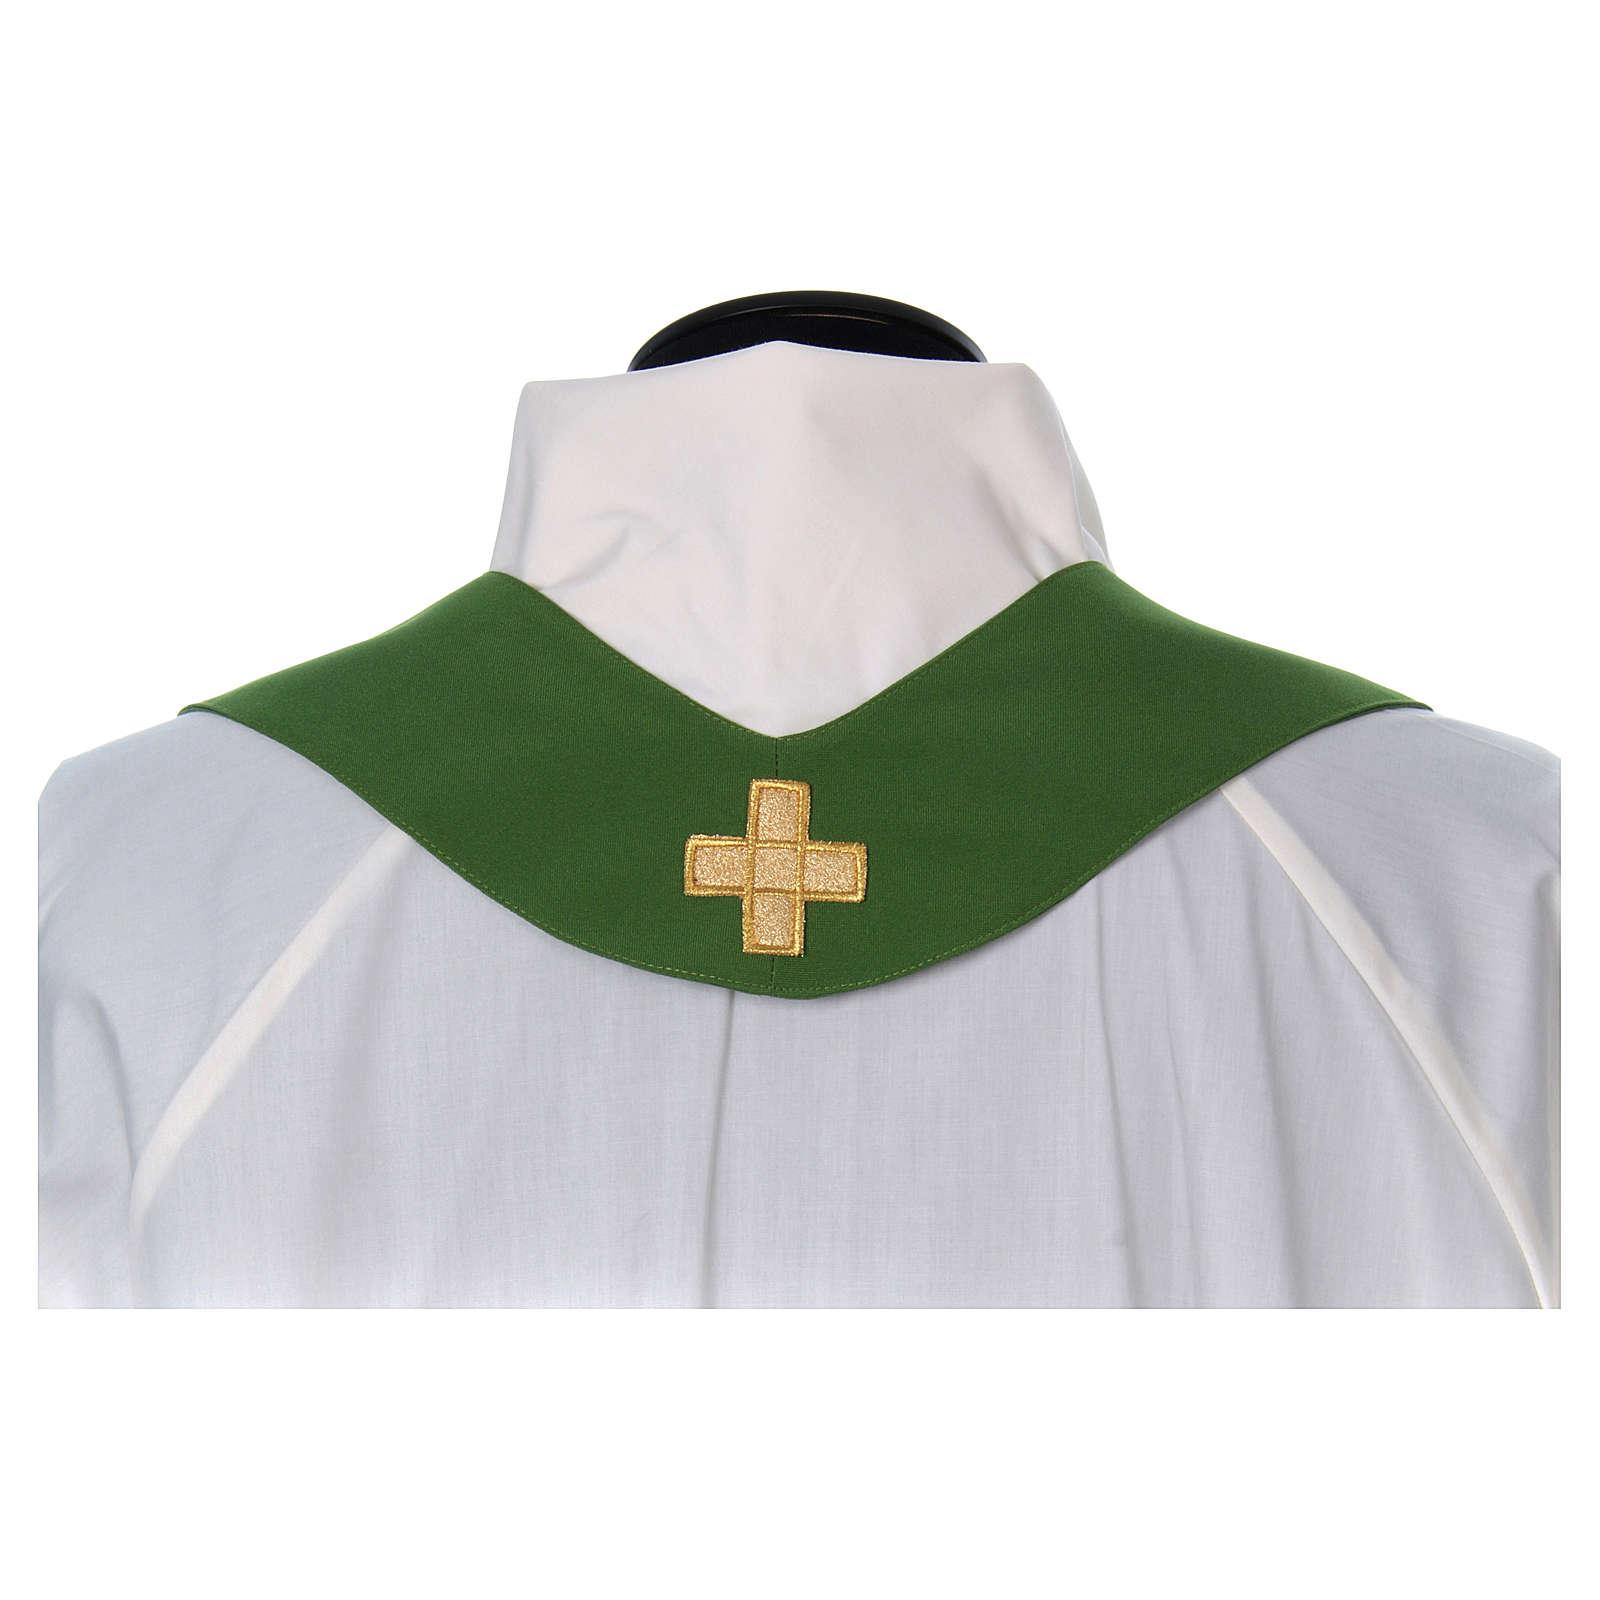 Casulla bordada cruz 4 colores 4